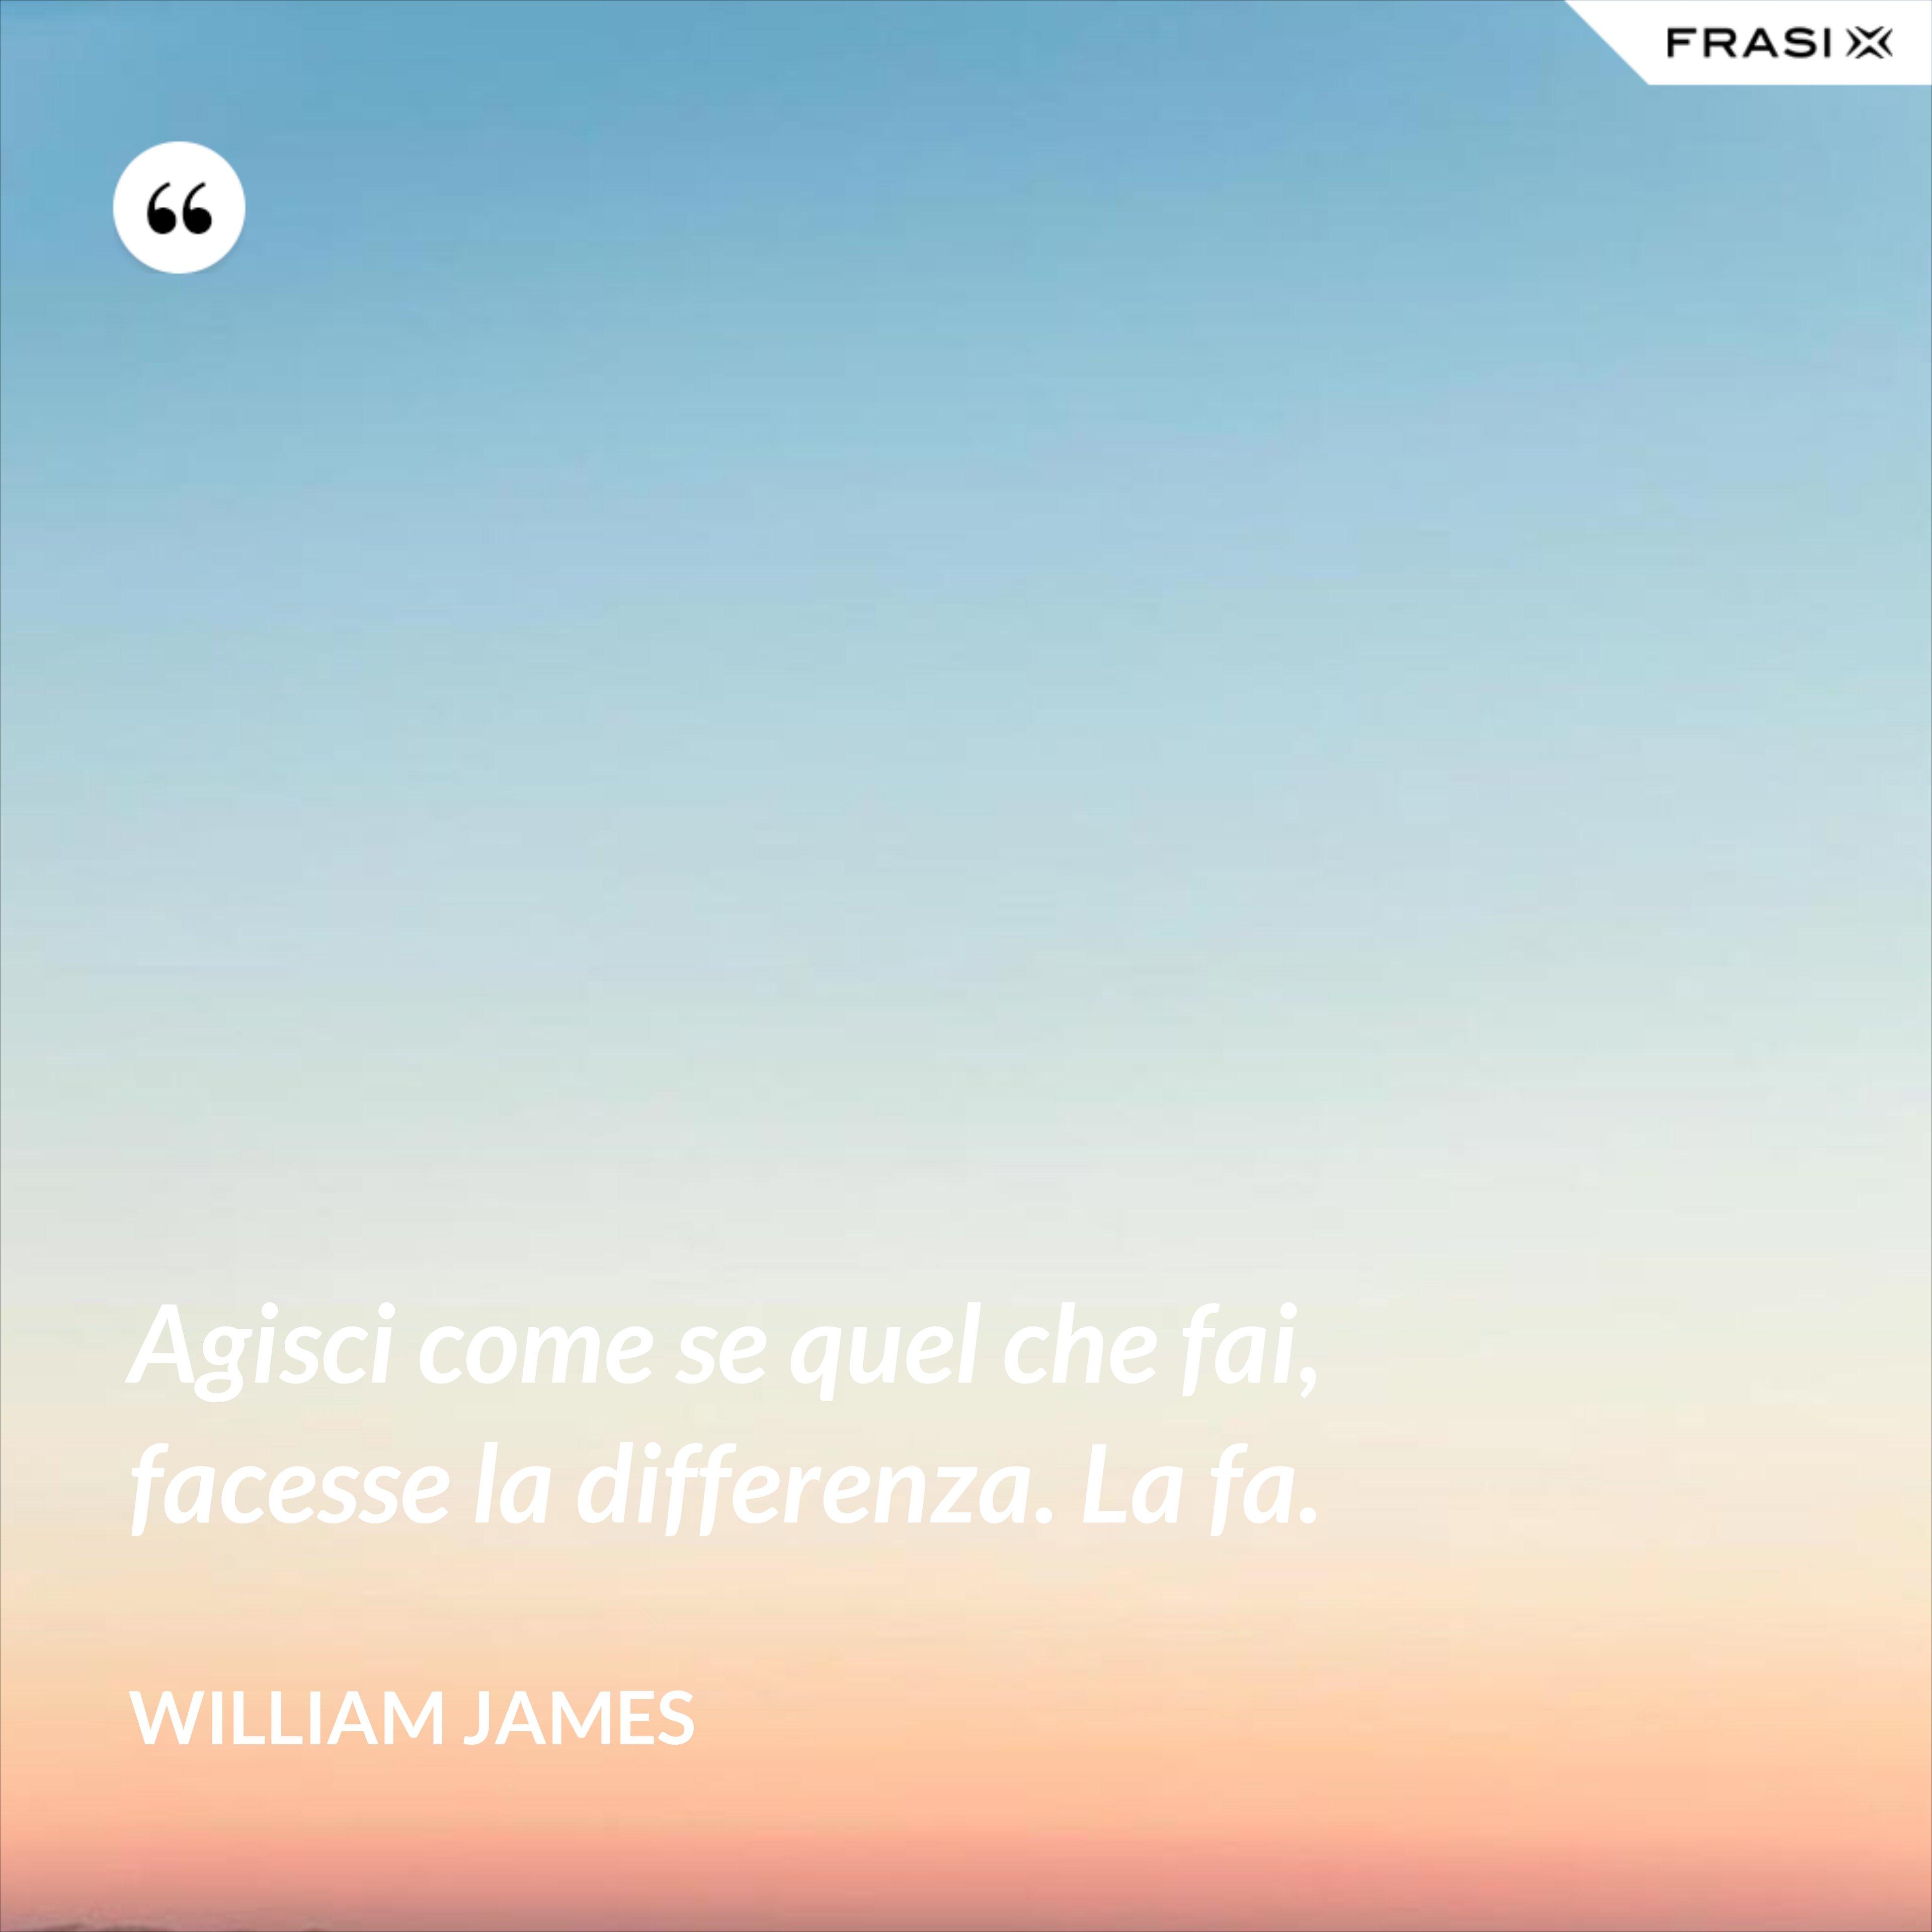 Agisci come se quel che fai, facesse la differenza. La fa. - William James